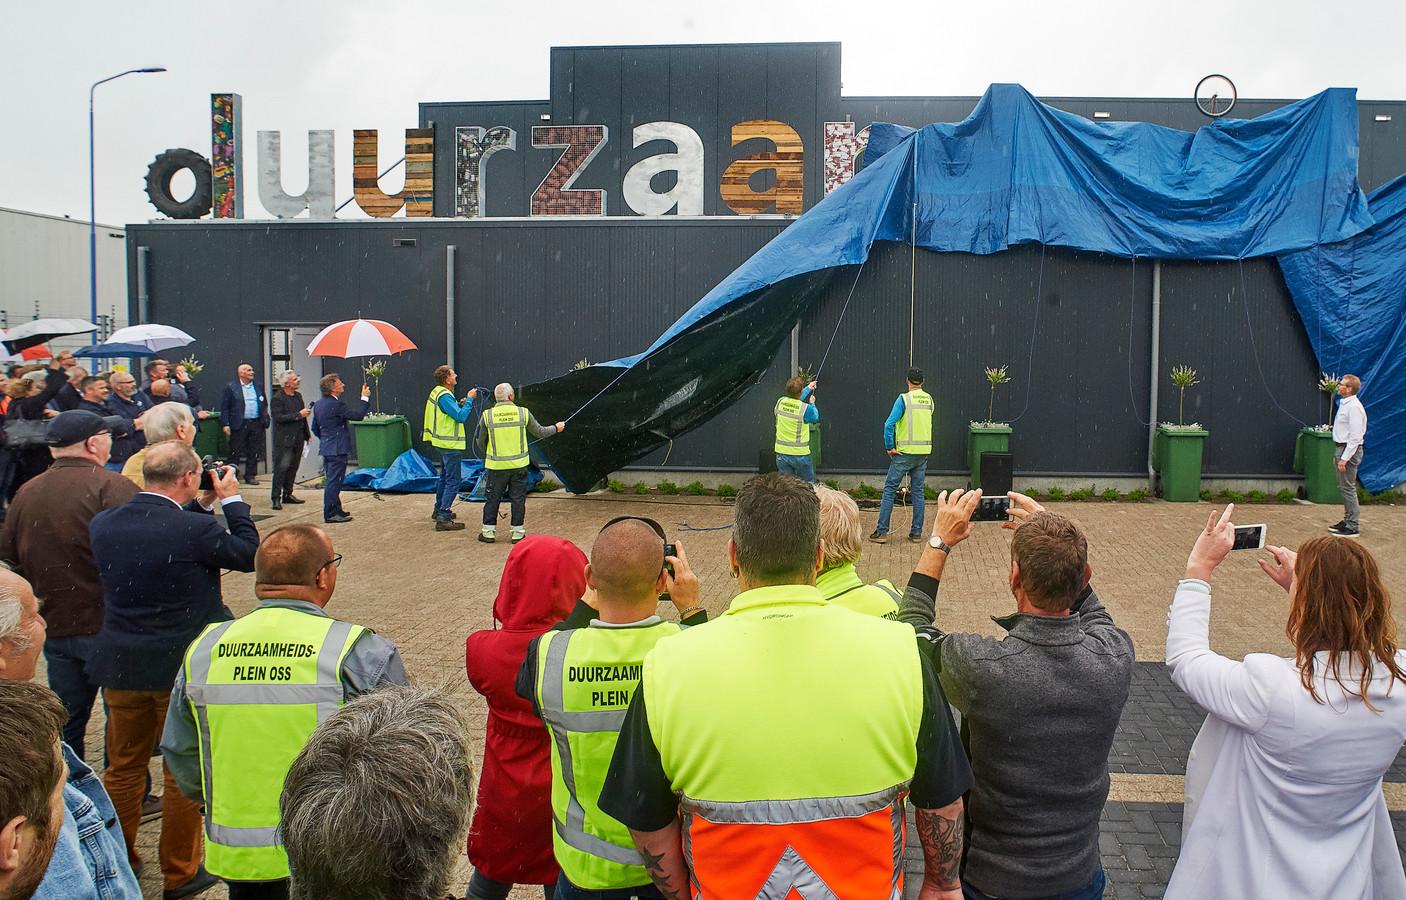 De opening van Duurzaamheidsplein Oss in mei. Fotograaf: Van Assendelft/Jeroen Appels